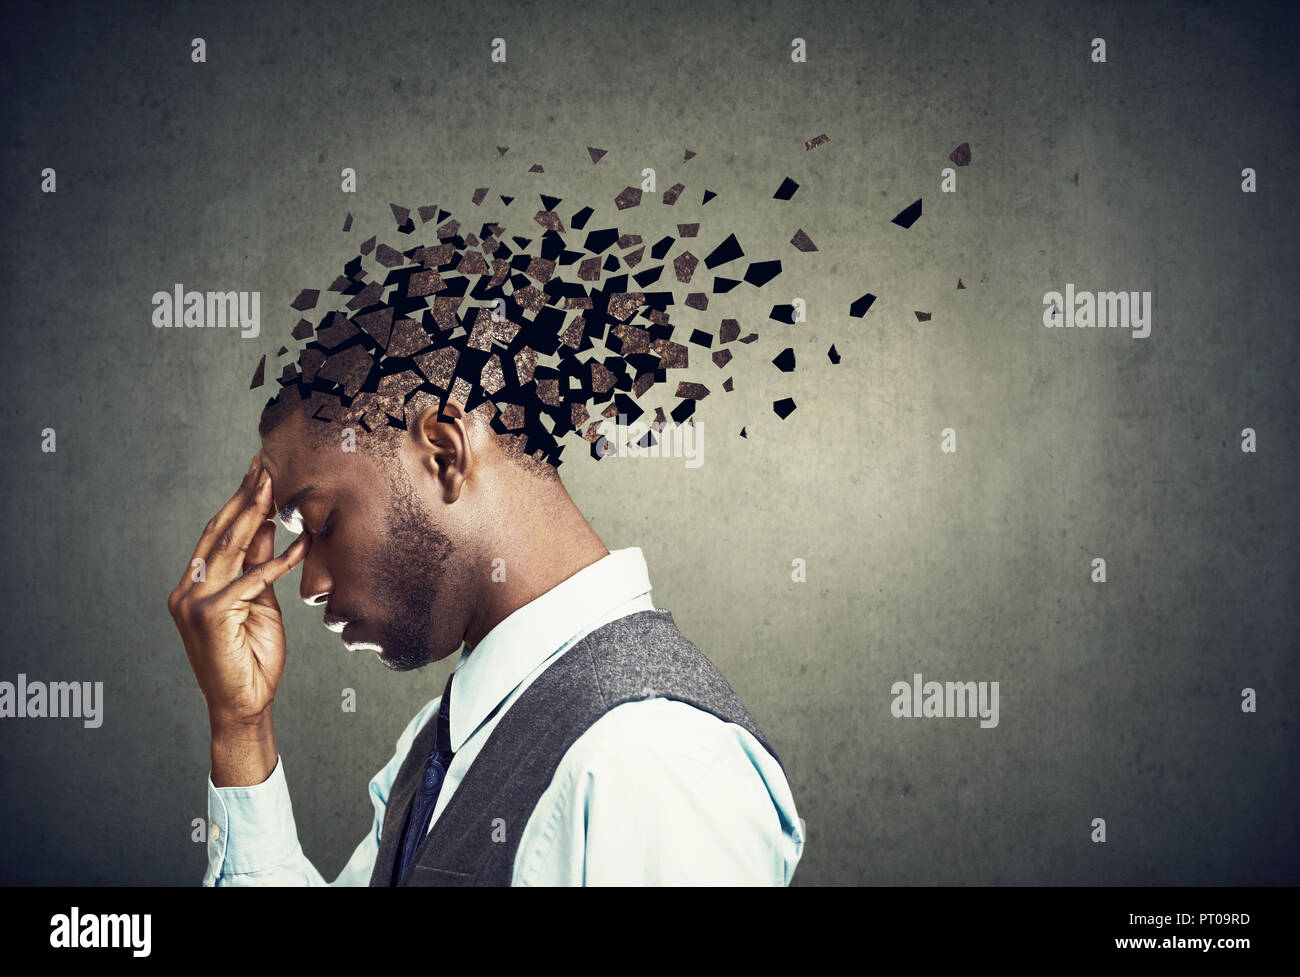 Gedächtnisverlust durch Demenz oder Hirnschäden. Seite Profil einer traurigen Mann verlieren Teile der Kopf als Symbol der verringerten Verstand Funktion. Stockbild